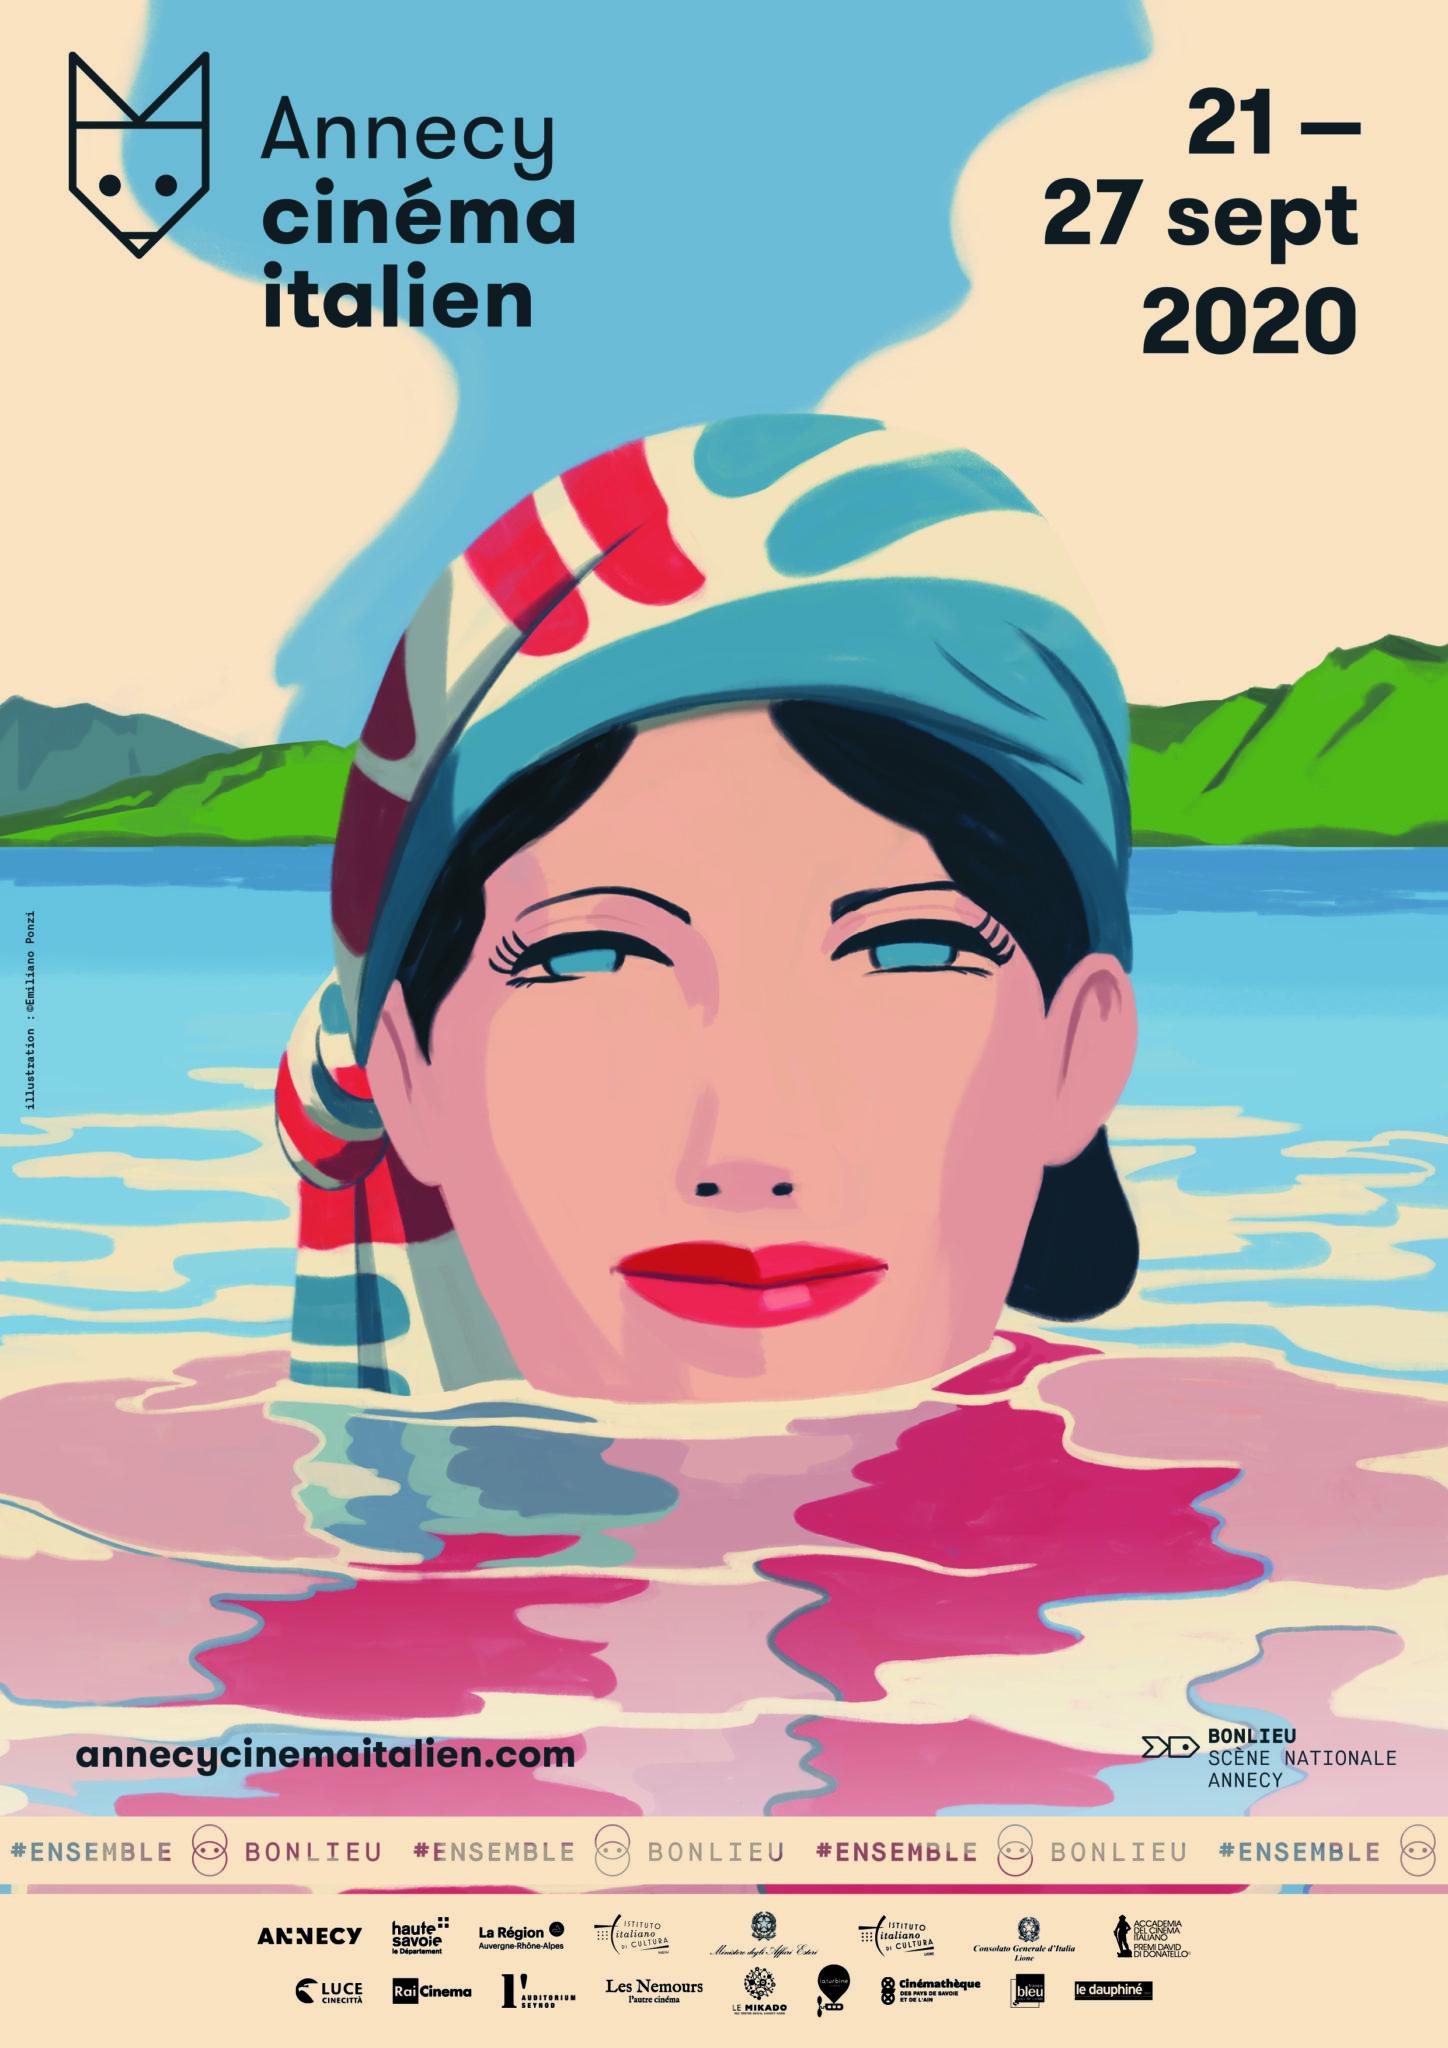 Annecy cinema italien affiche 2020